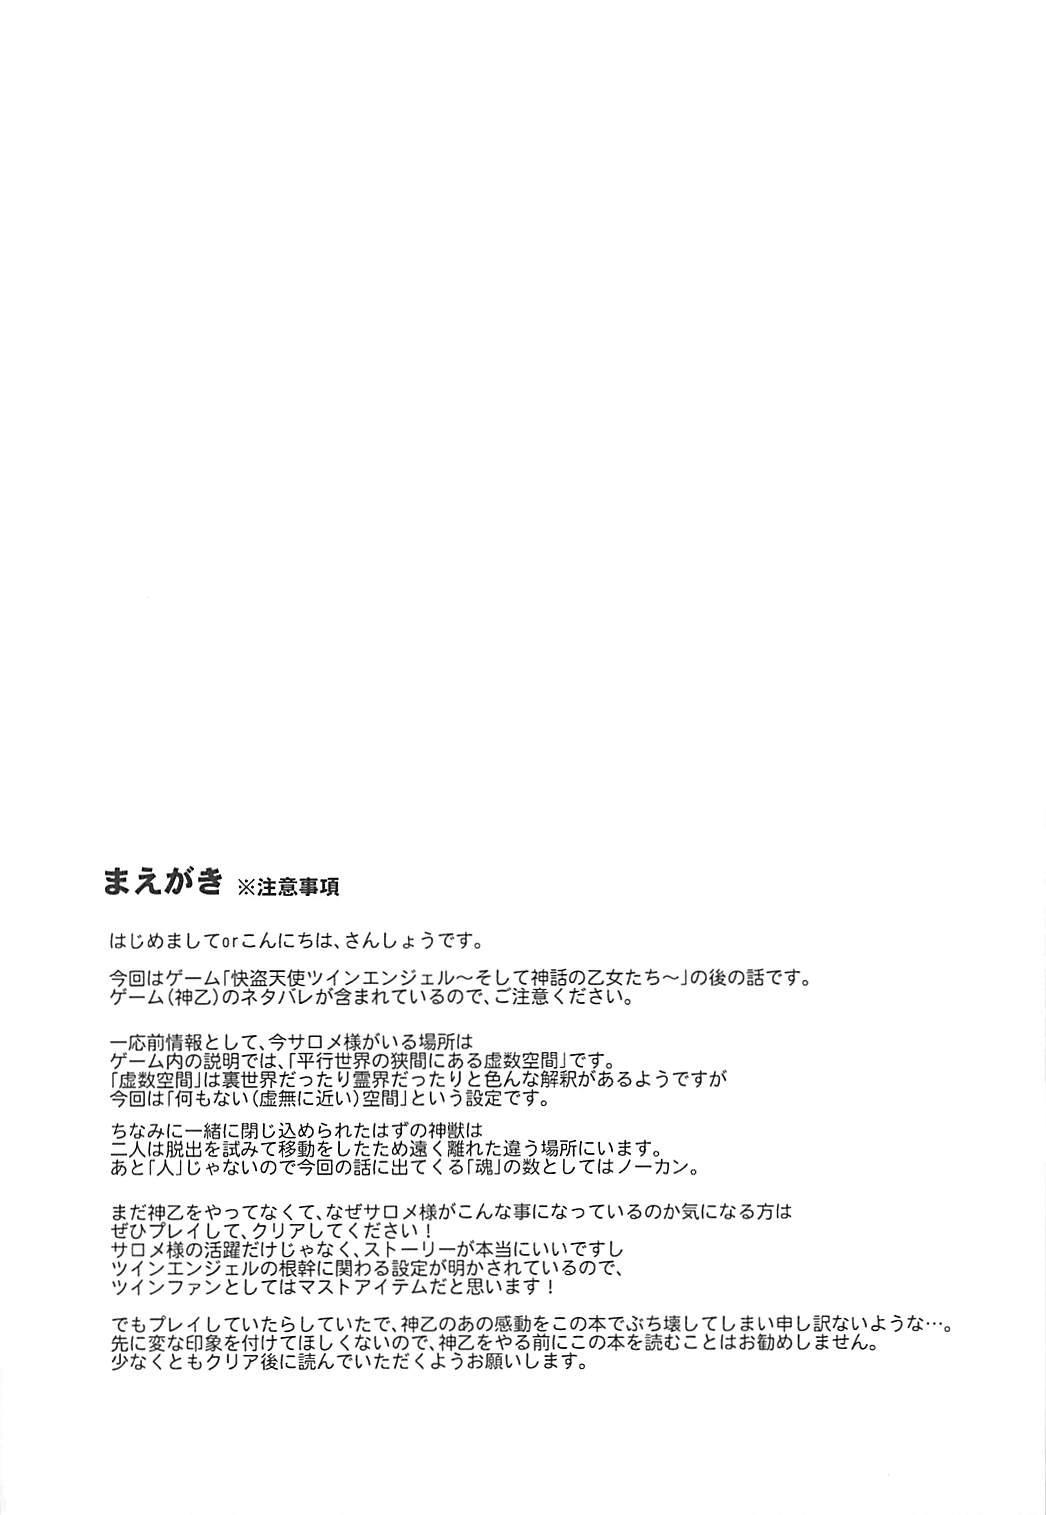 Kinki no Alchimia 2